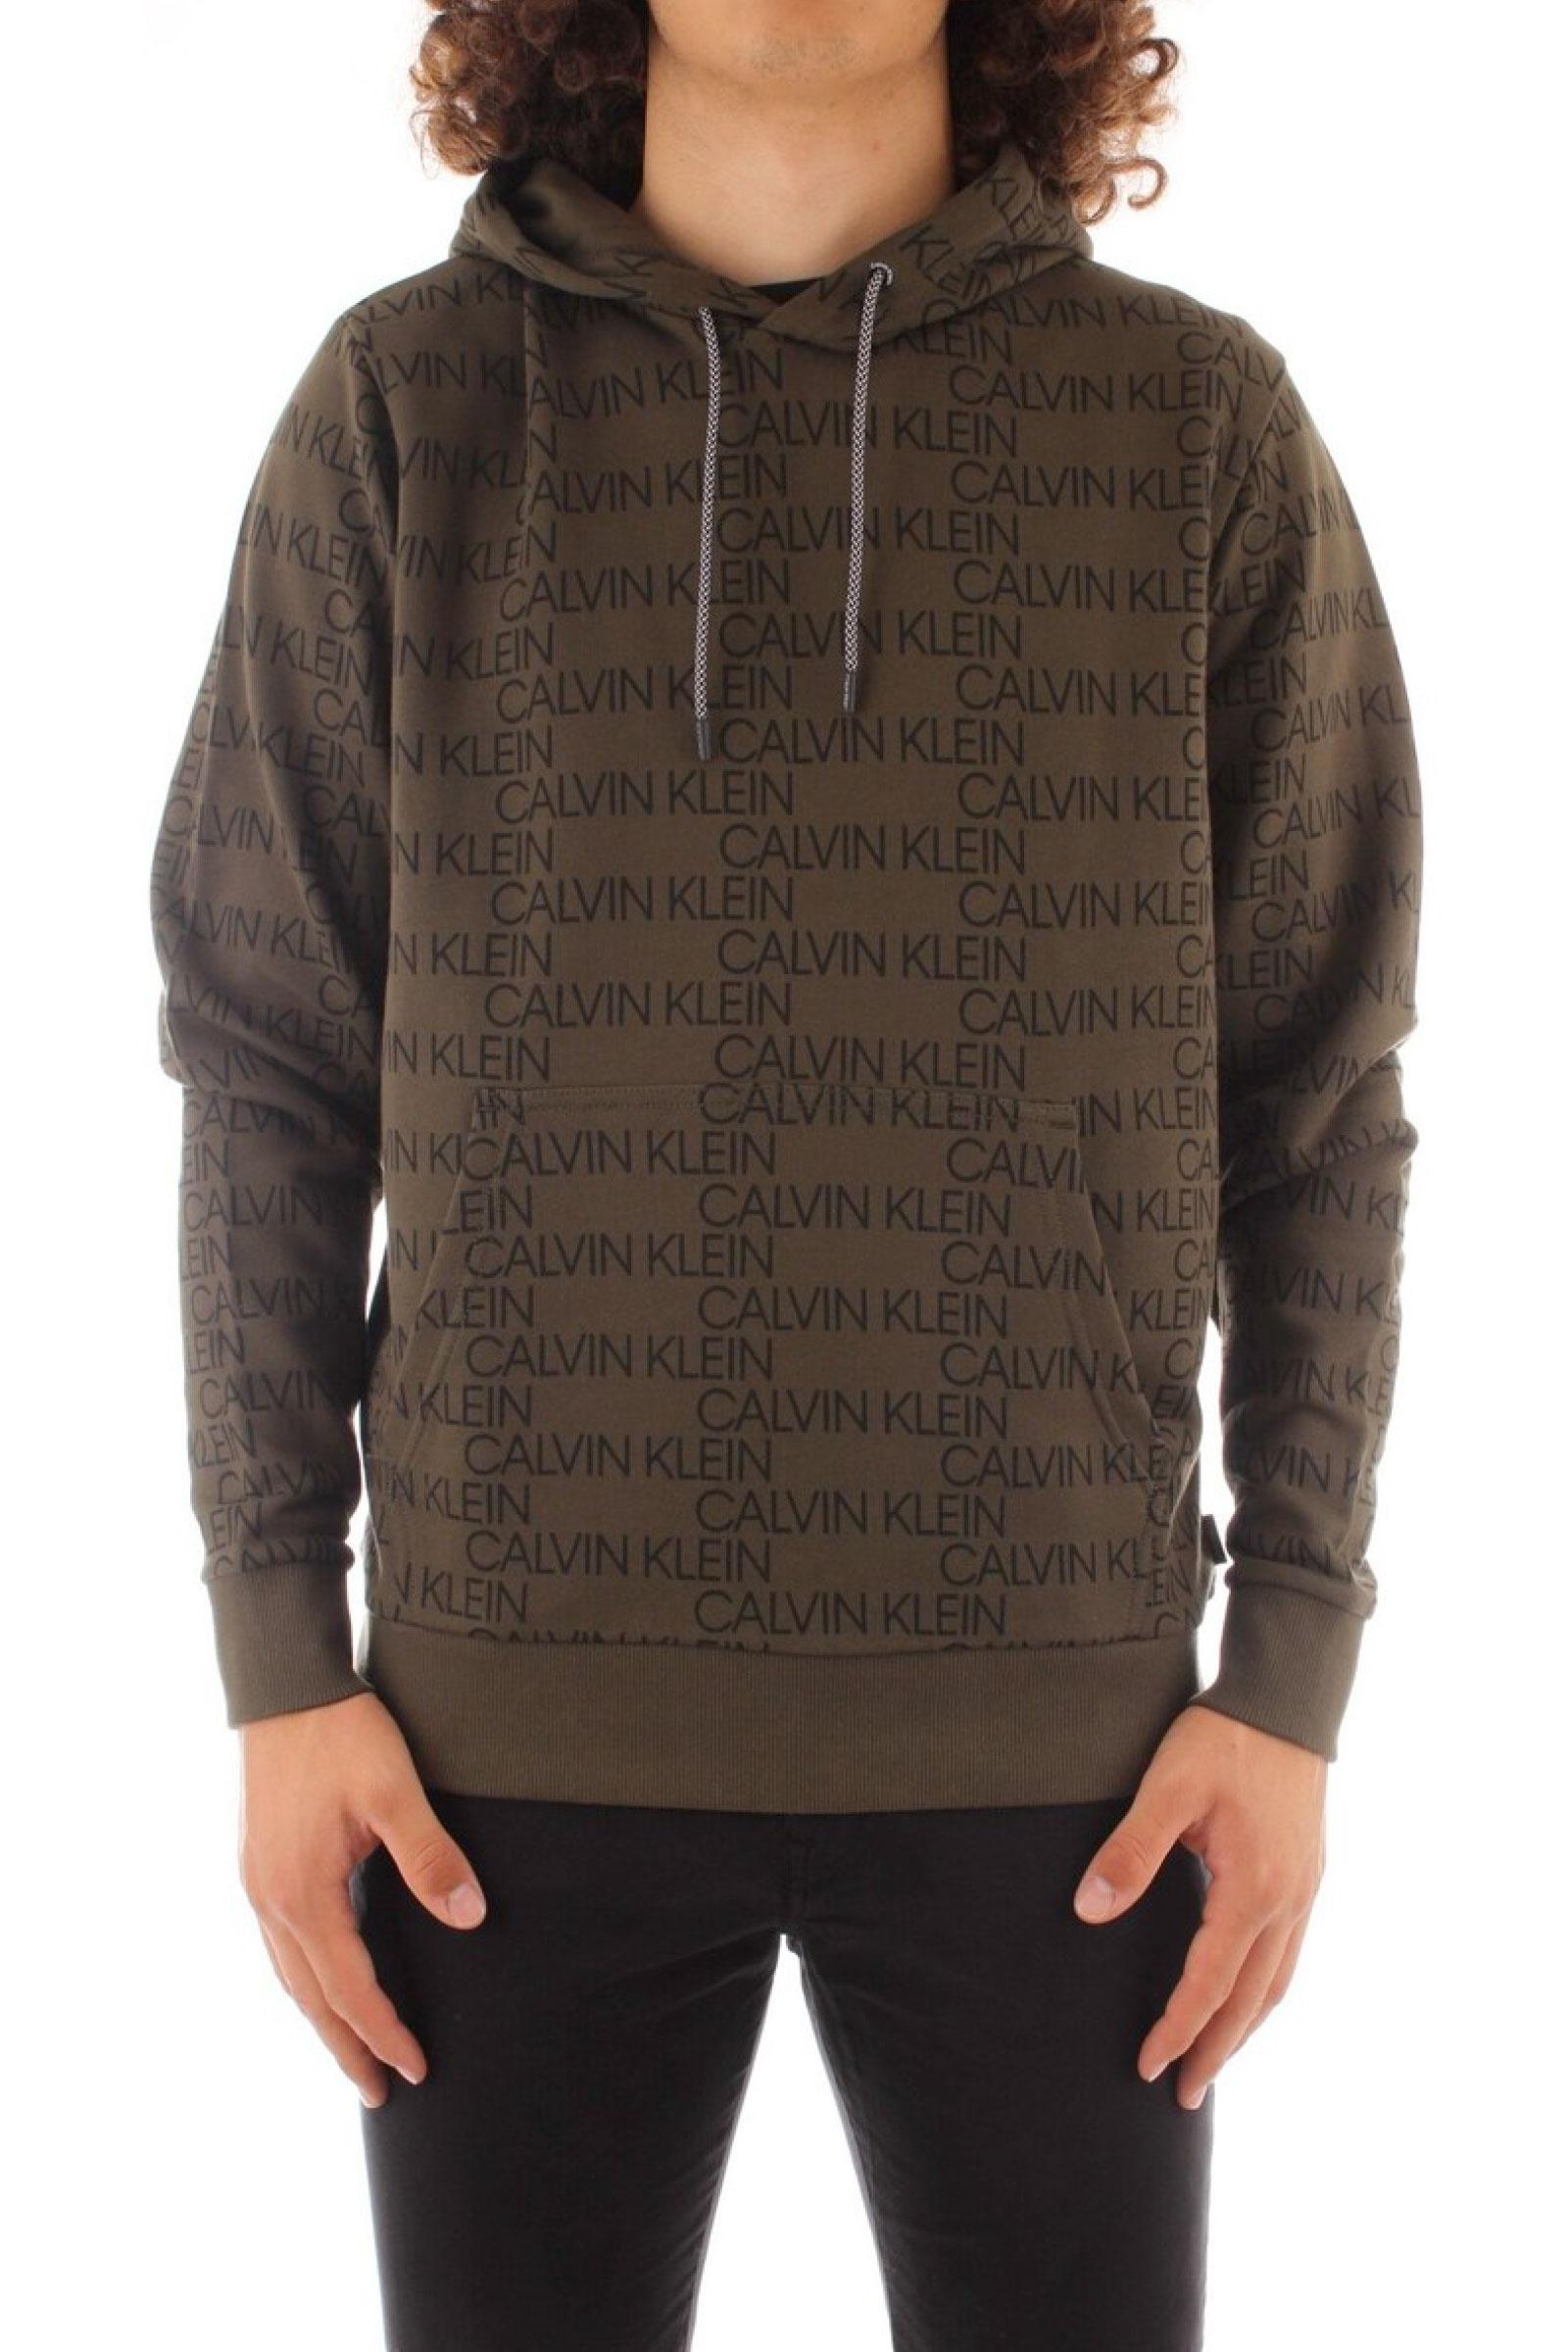 CALVIN KLEIN   Sweatshirt   K10K107771MRZ